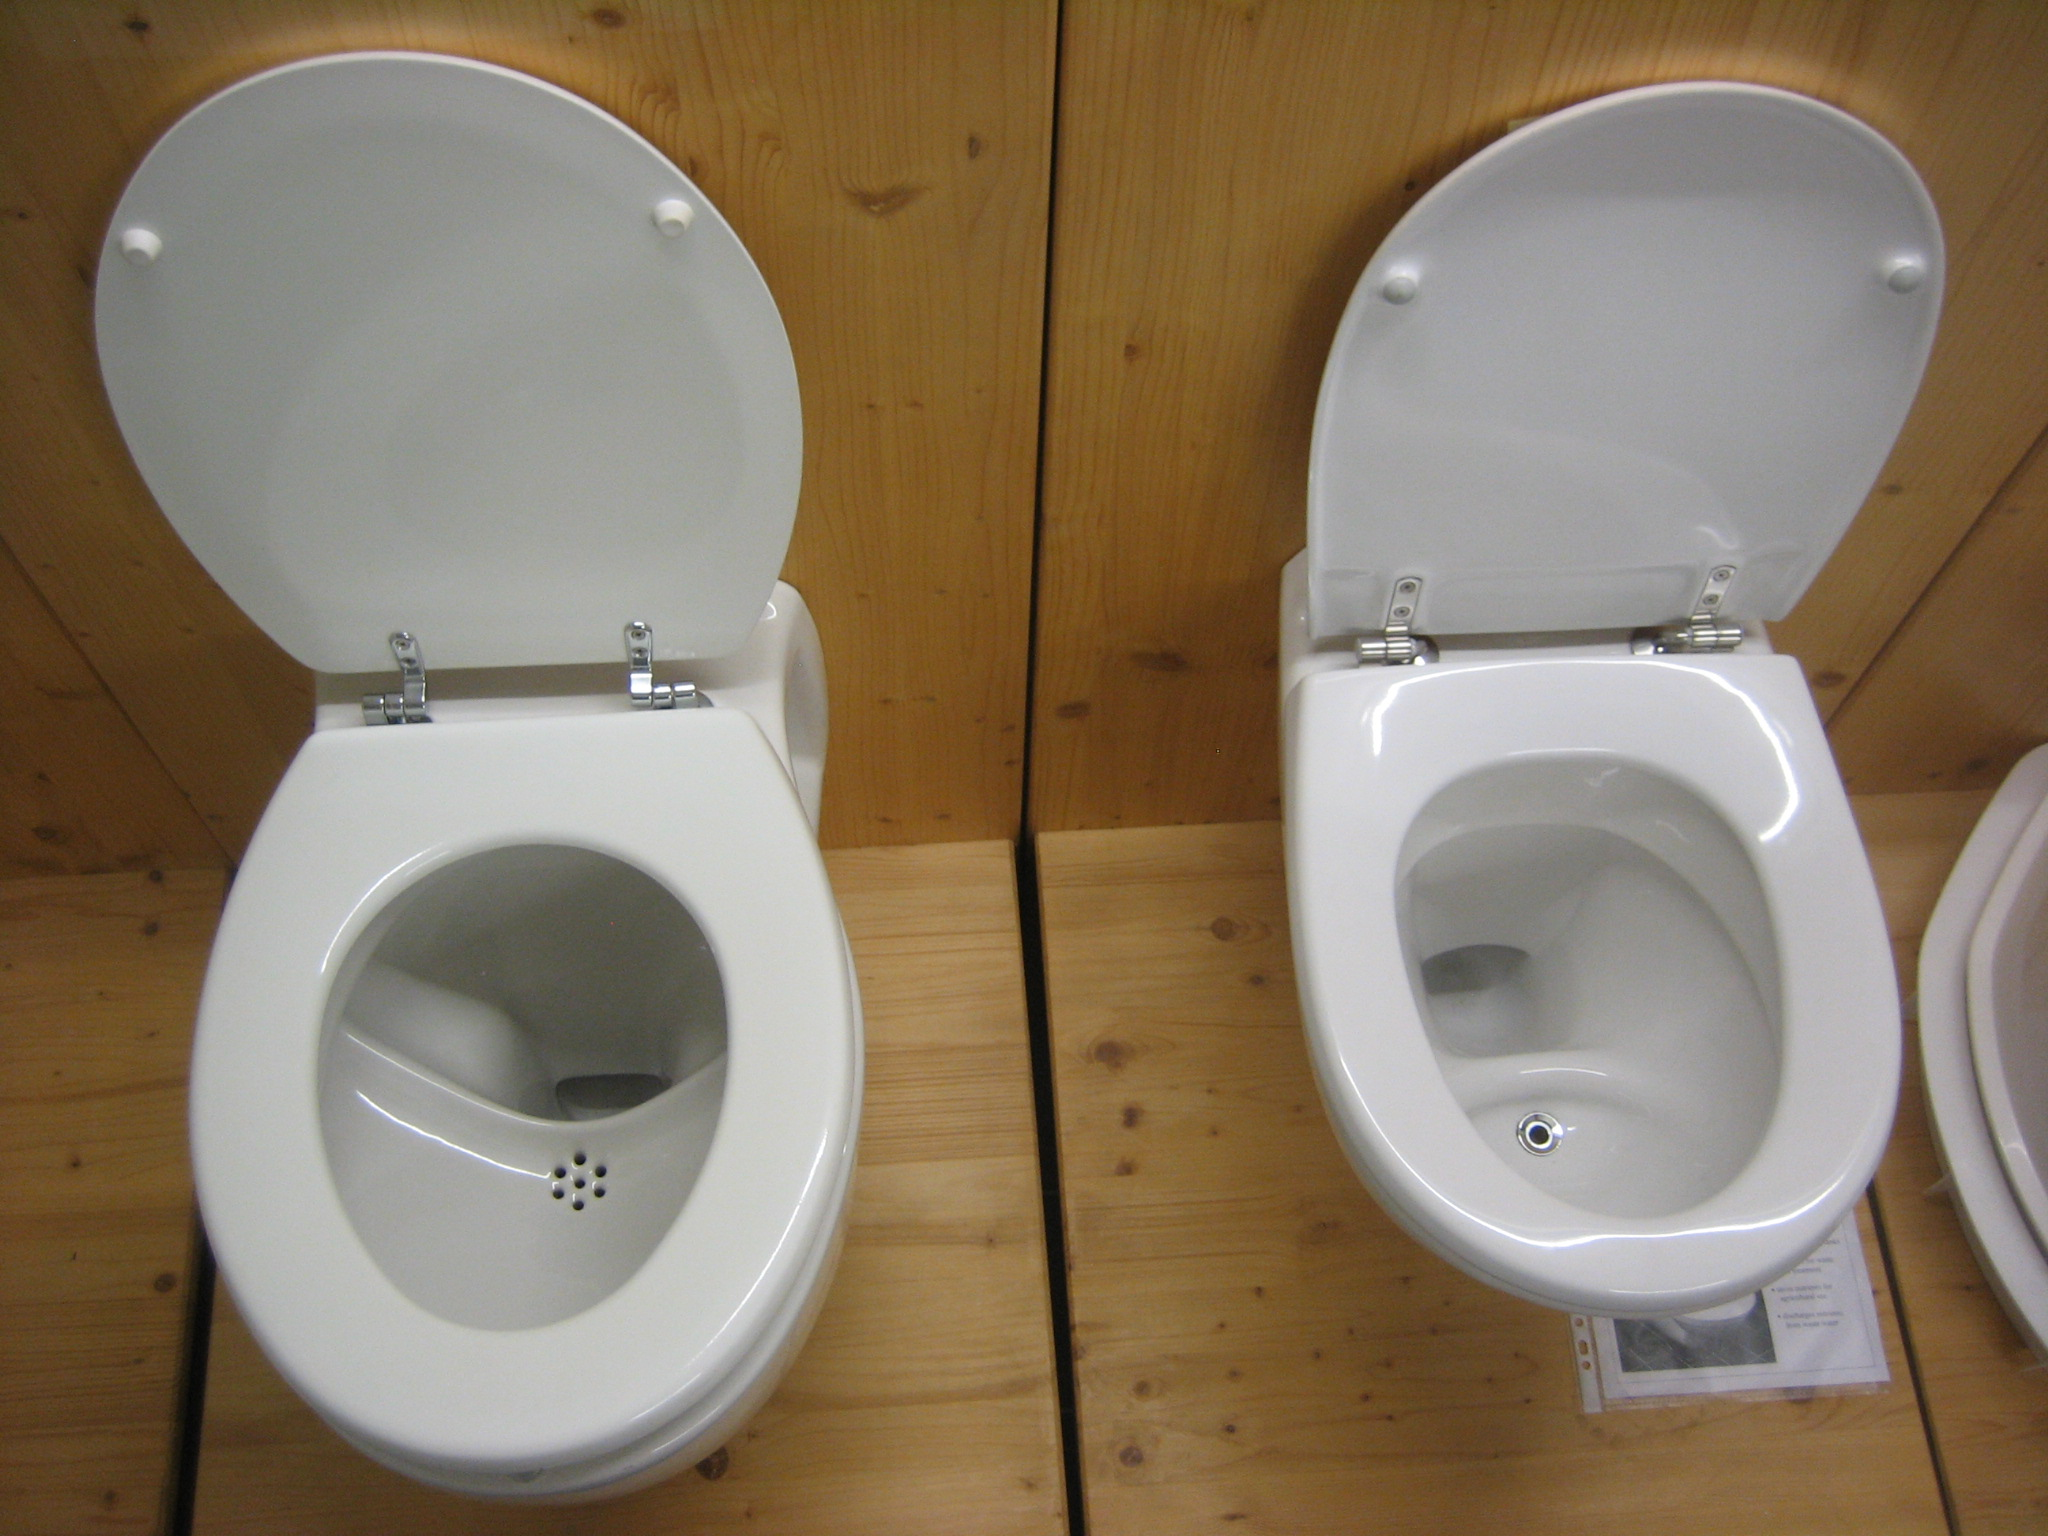 Exciting Flush Toilets Flush Toilets Wikimedia Commons Power Flush Toilet Running Power Flush Toilet Problems houzz-02 Power Flush Toilet